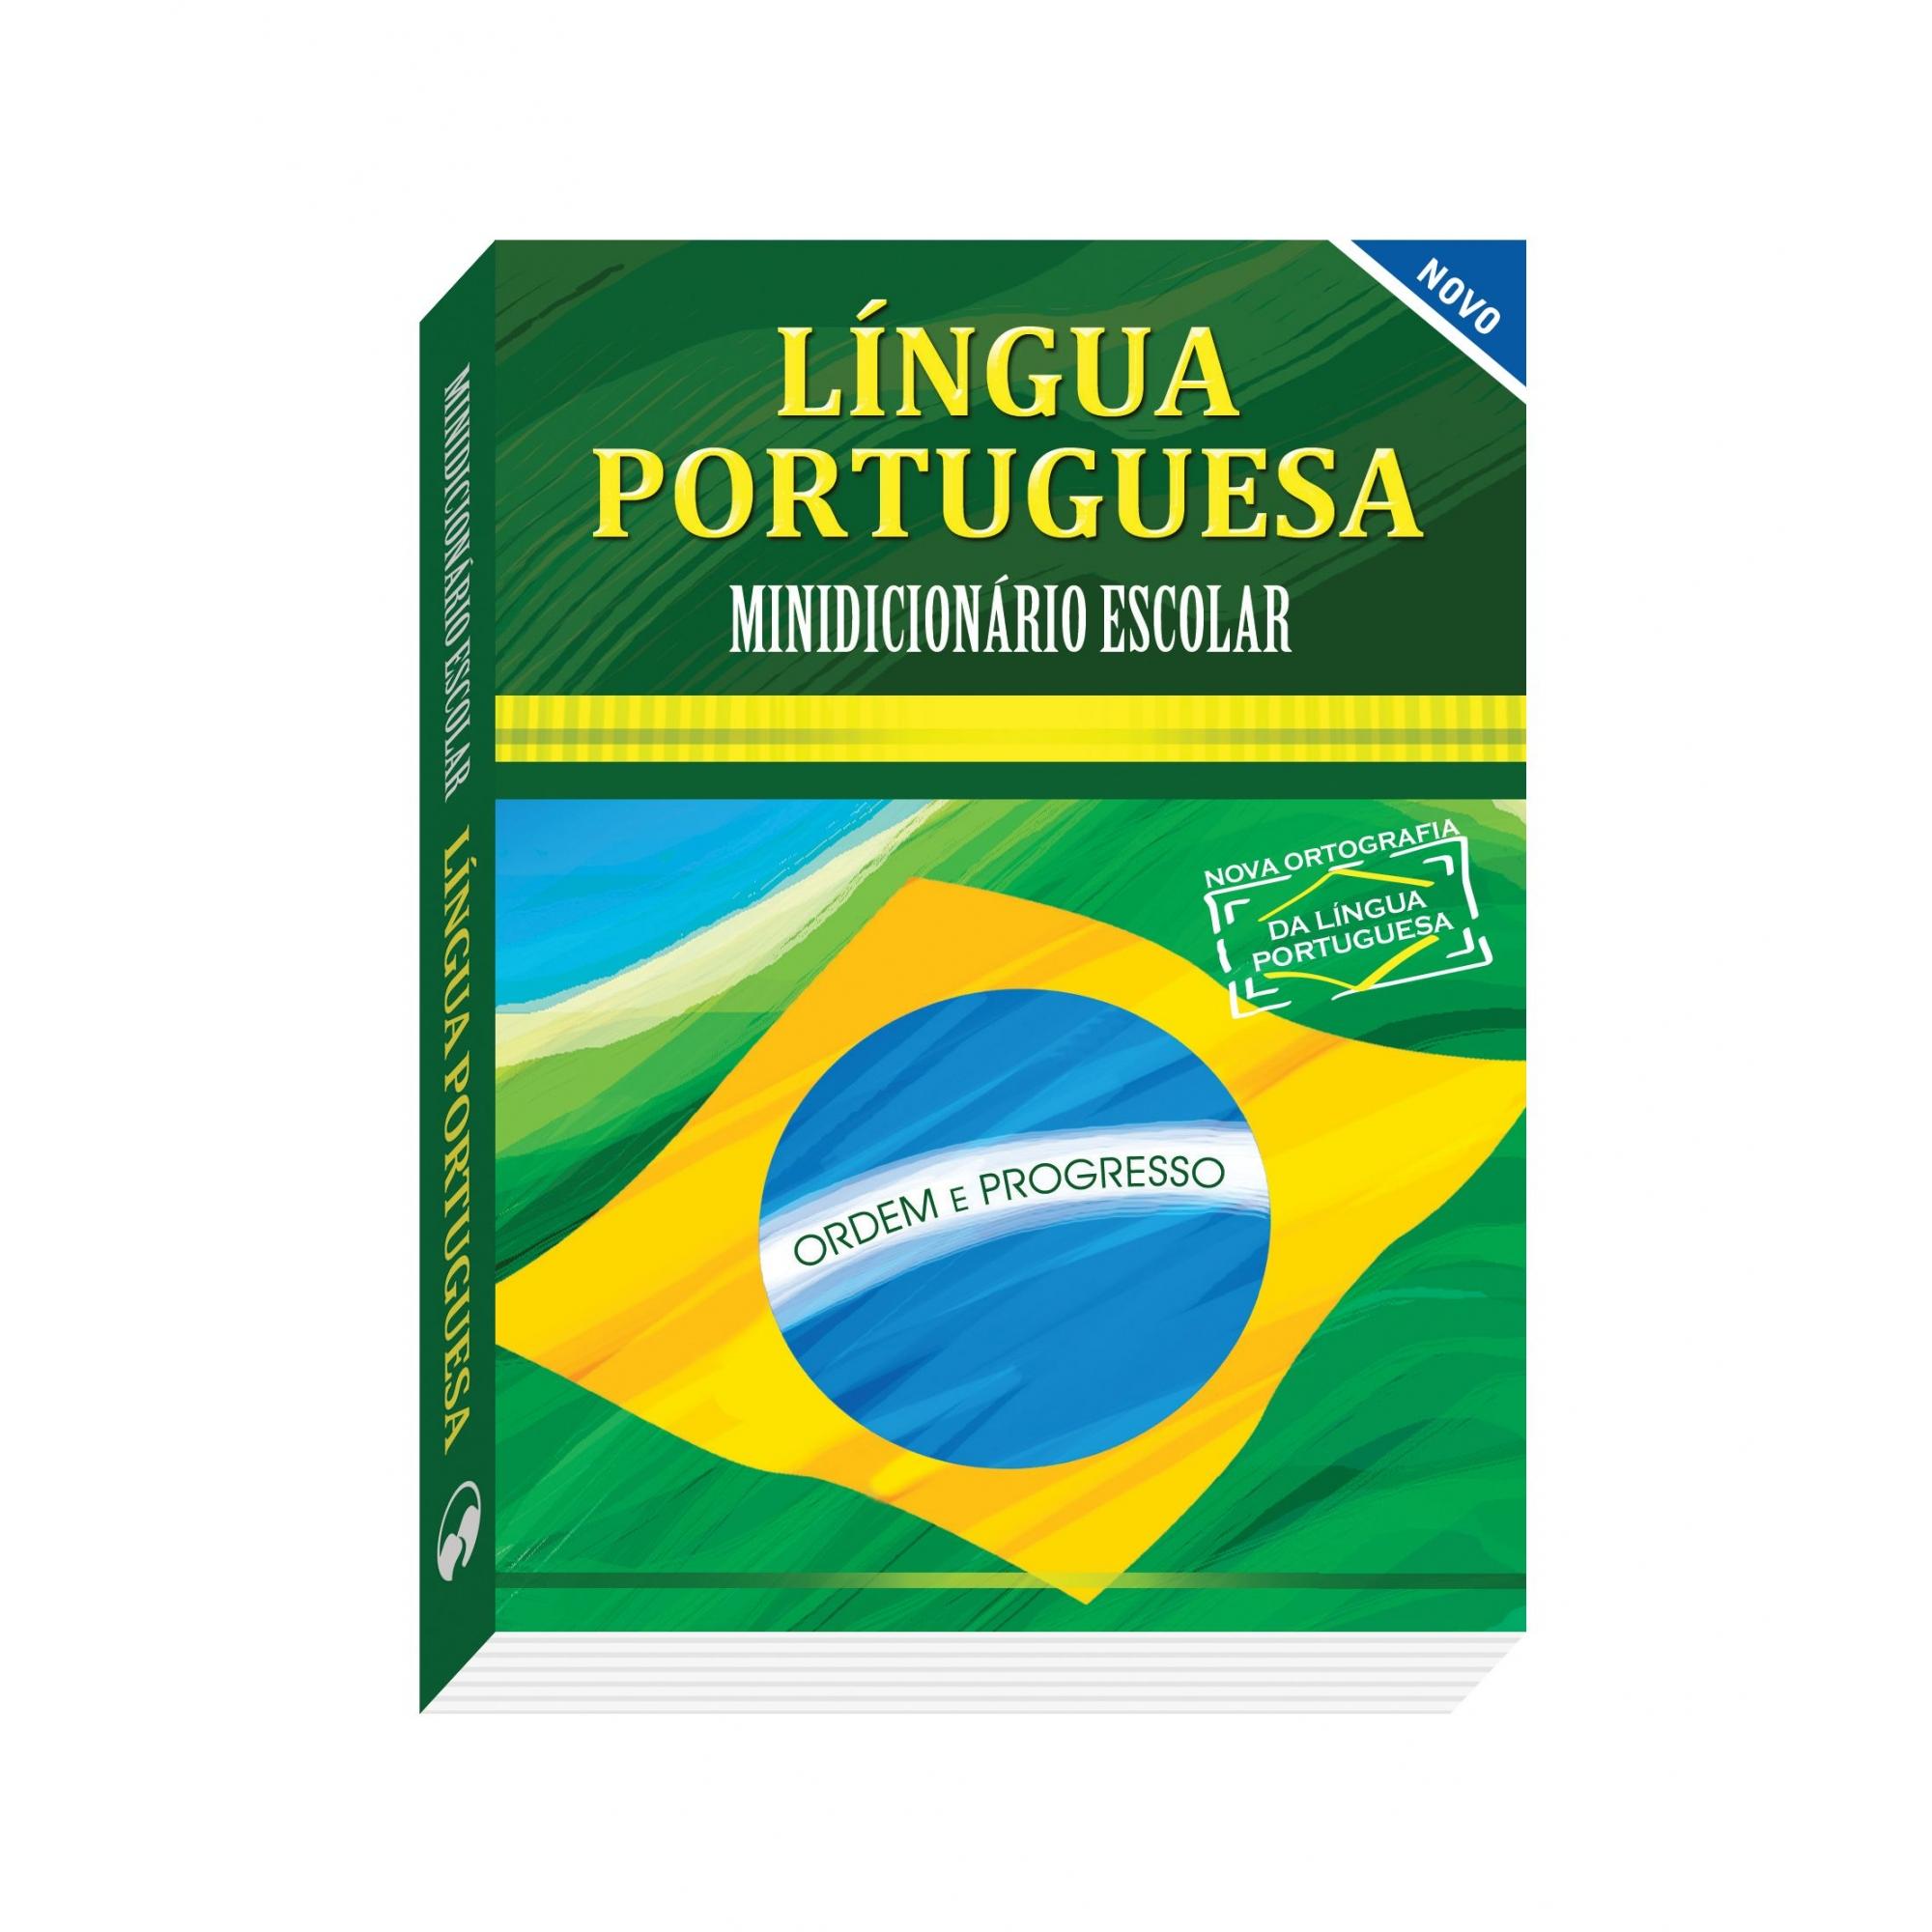 Minidicionário Escolar Vale - Língua Portuguesa